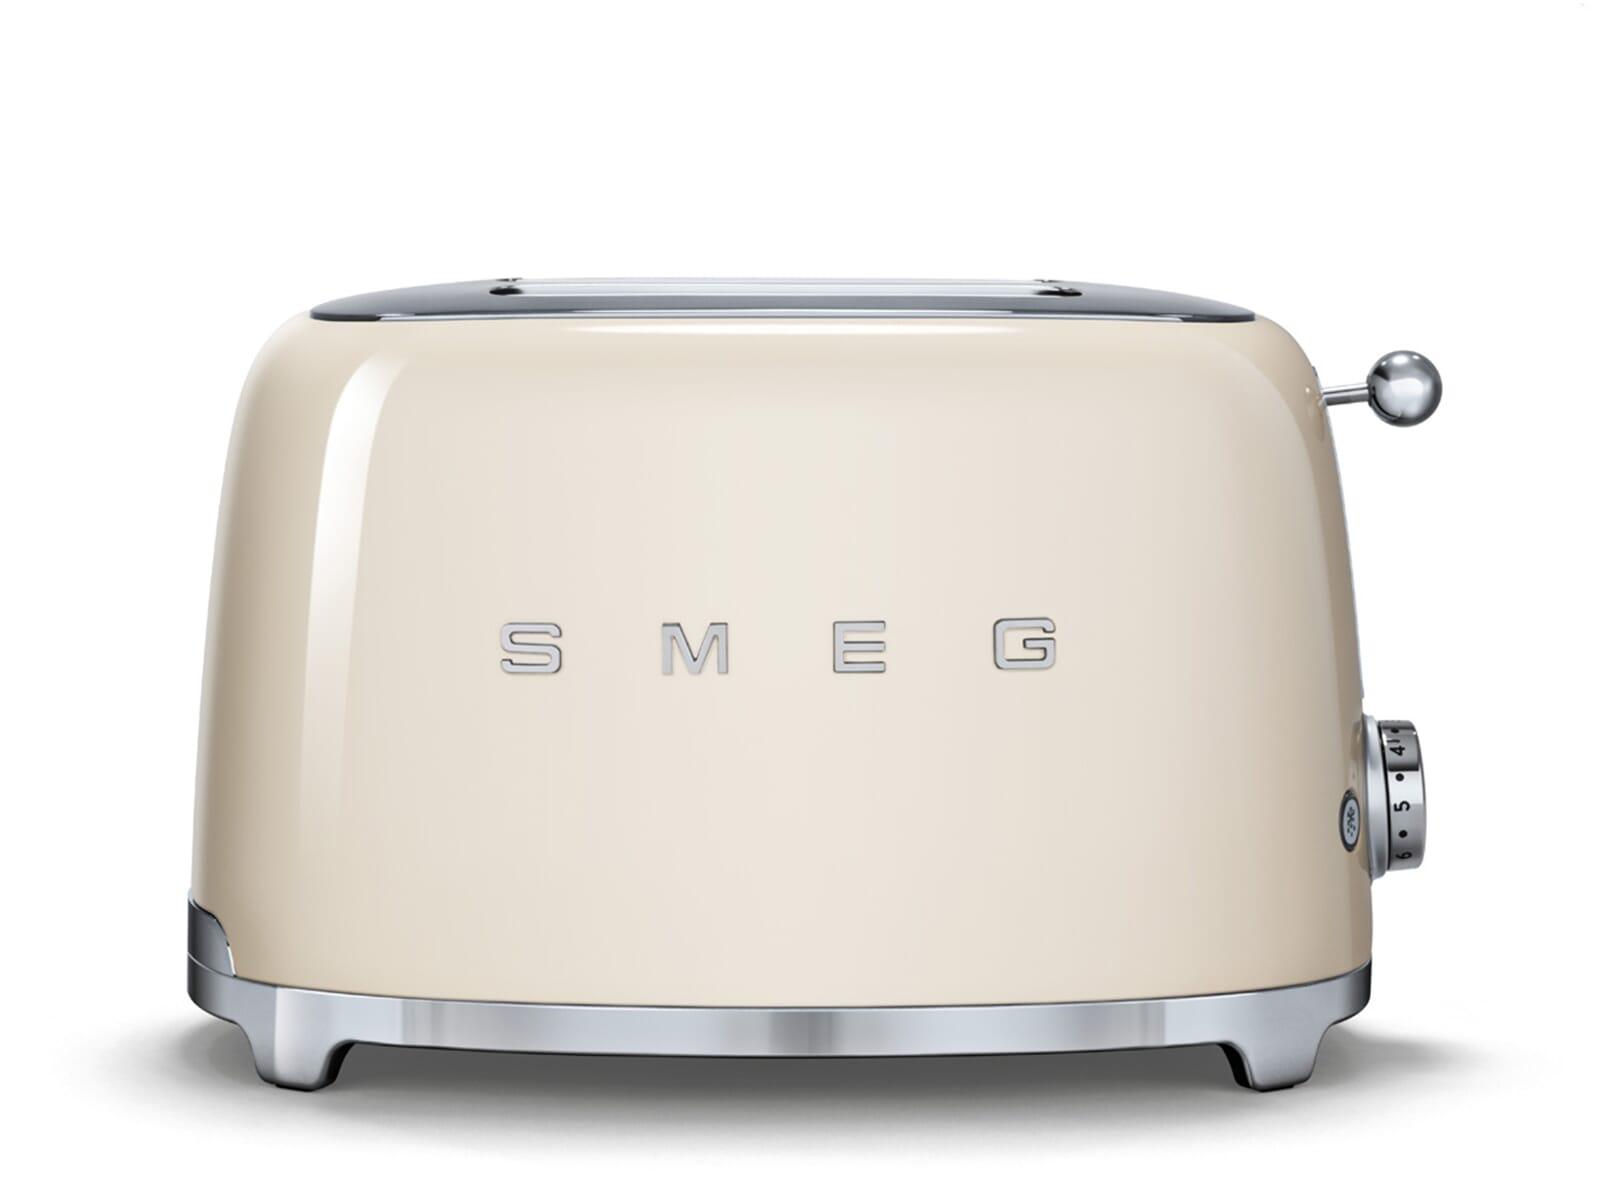 Smeg Kühlschrank Beige : Smeg deutschland hausgeräte made in italy mit design und funktion